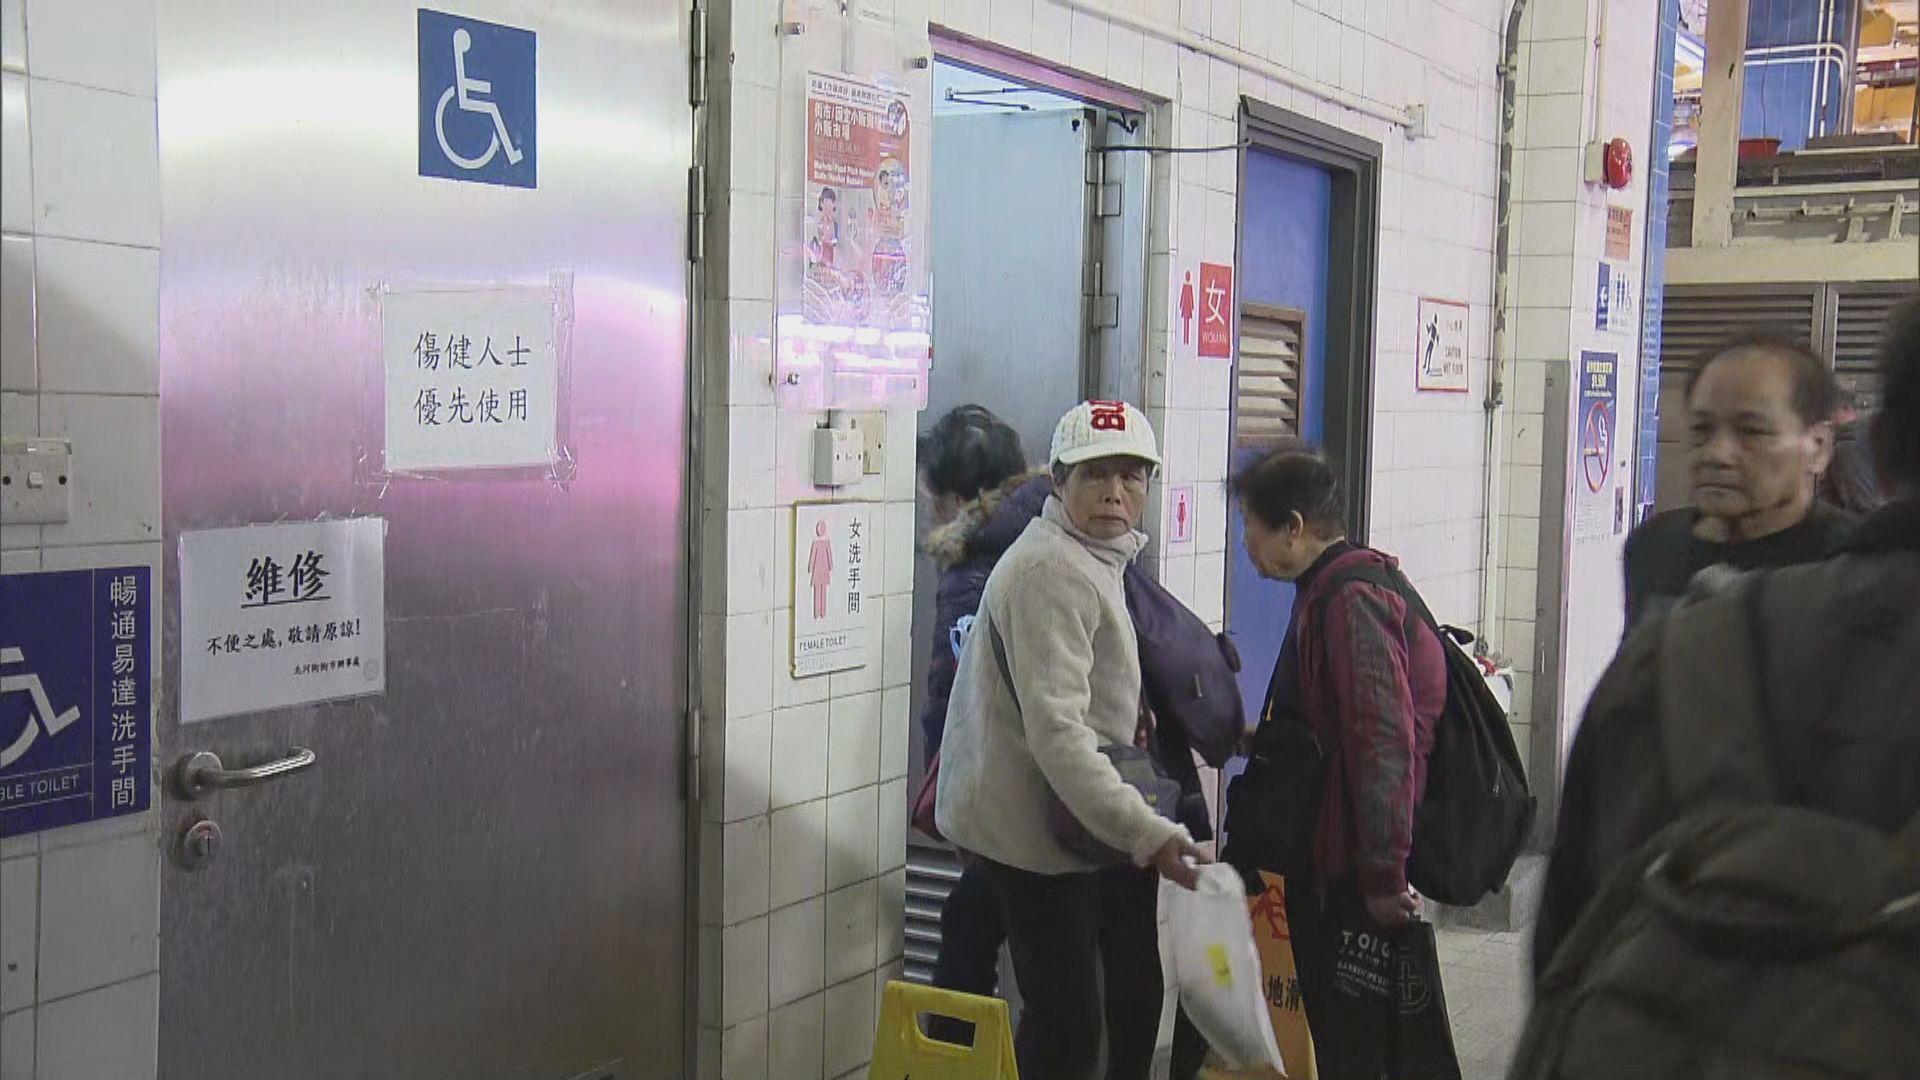 廁所協會倡加裝女性尿兜改善女廁大排長龍問題